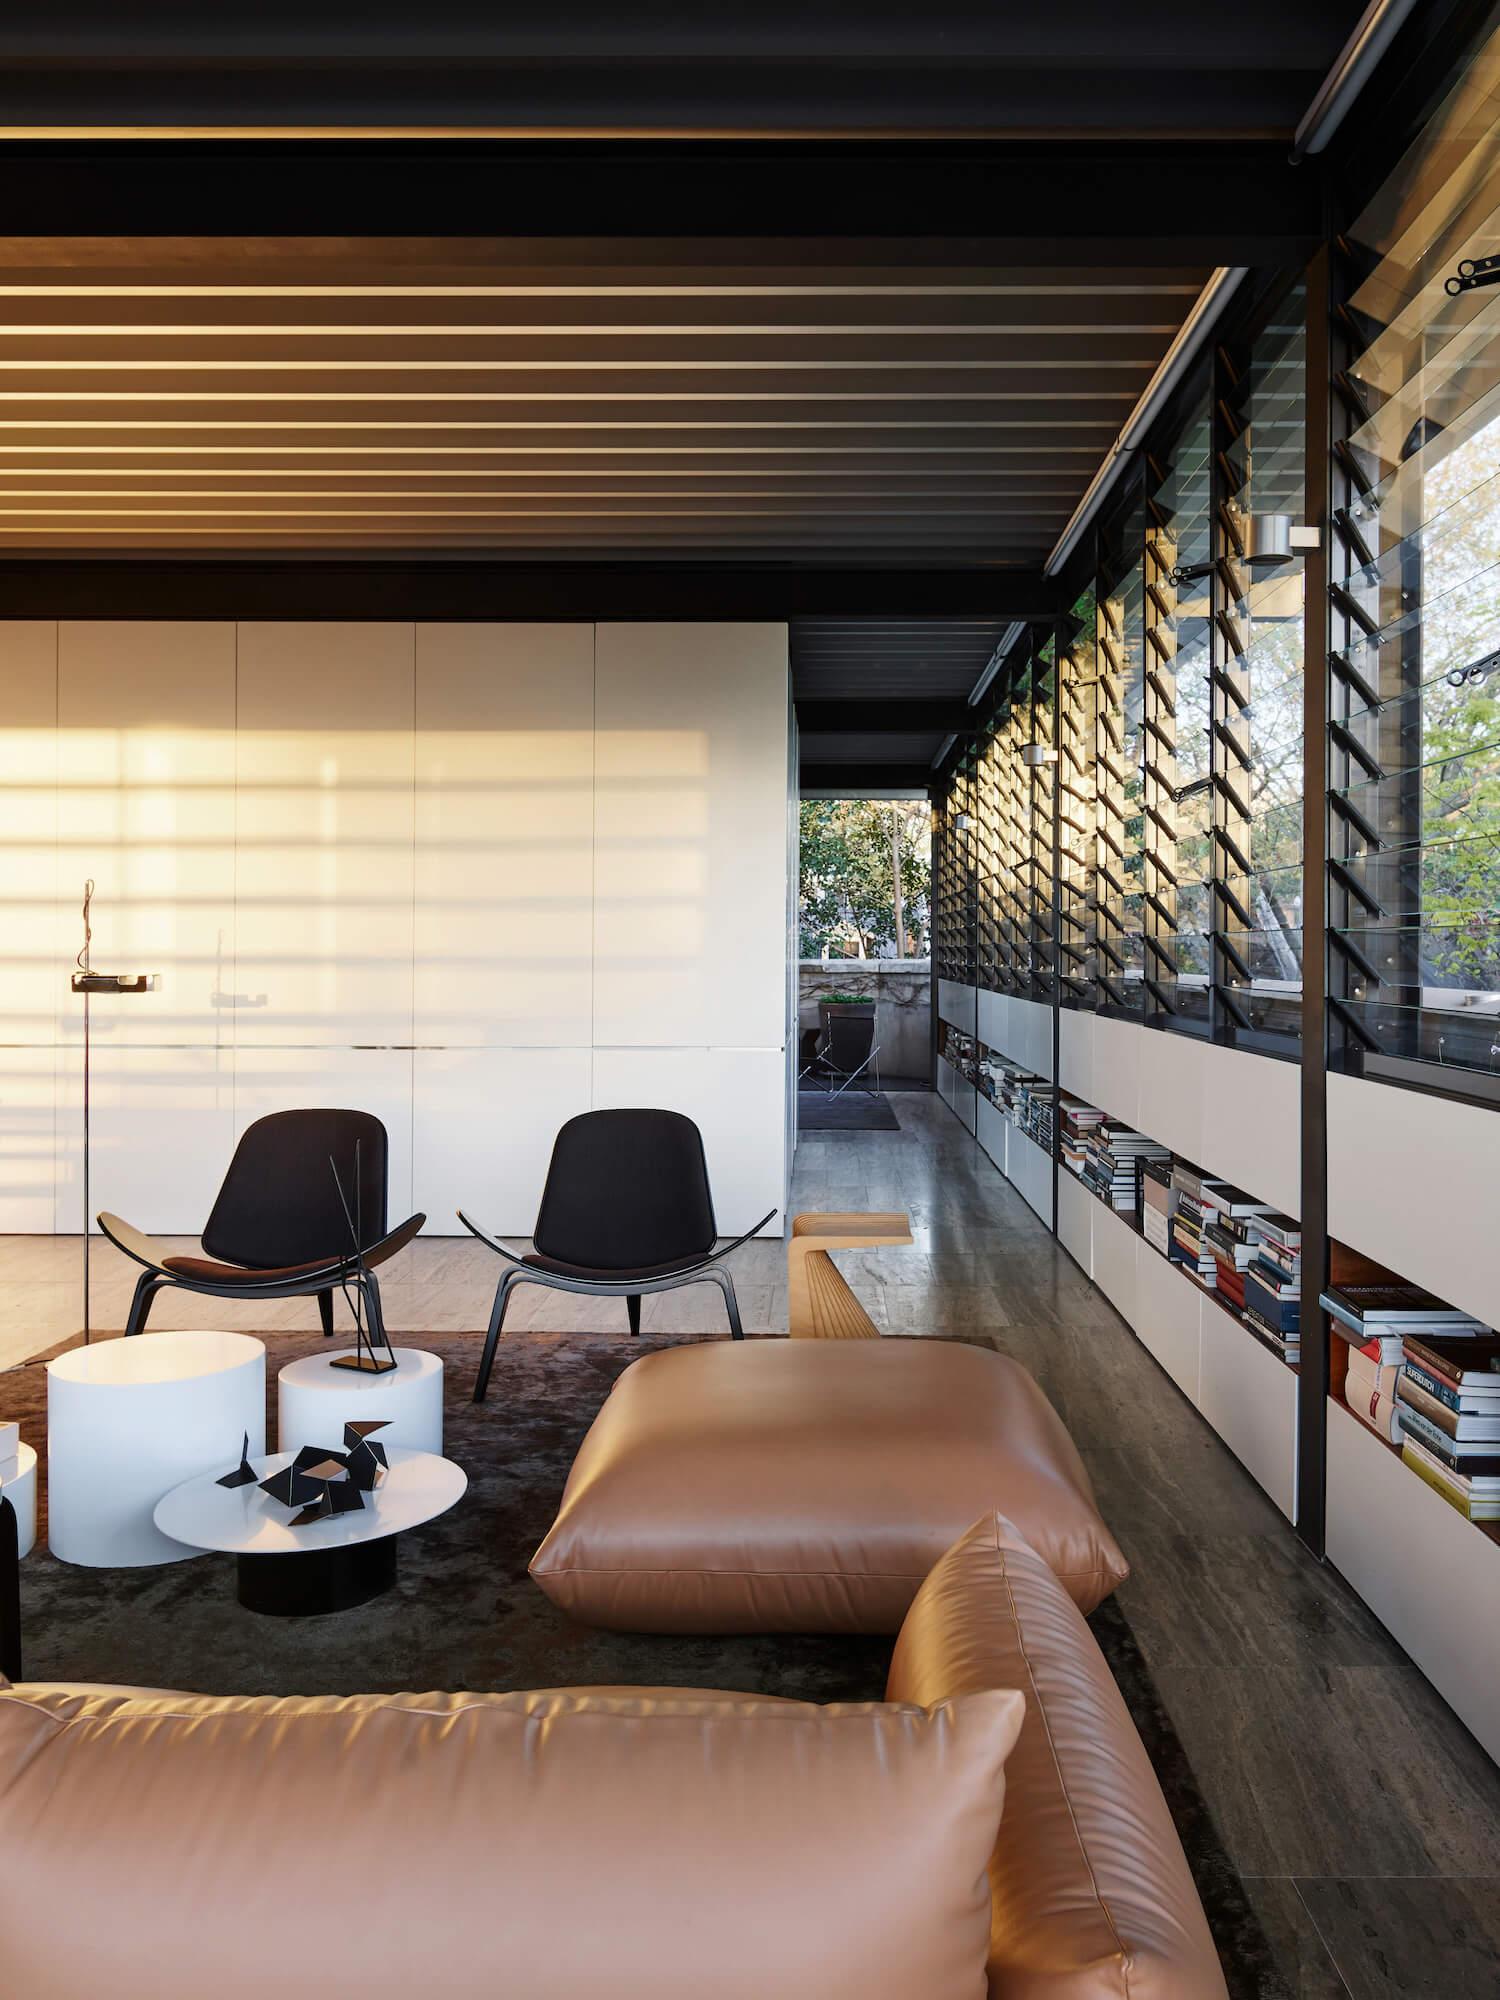 est living open house william smart studio apartment 16